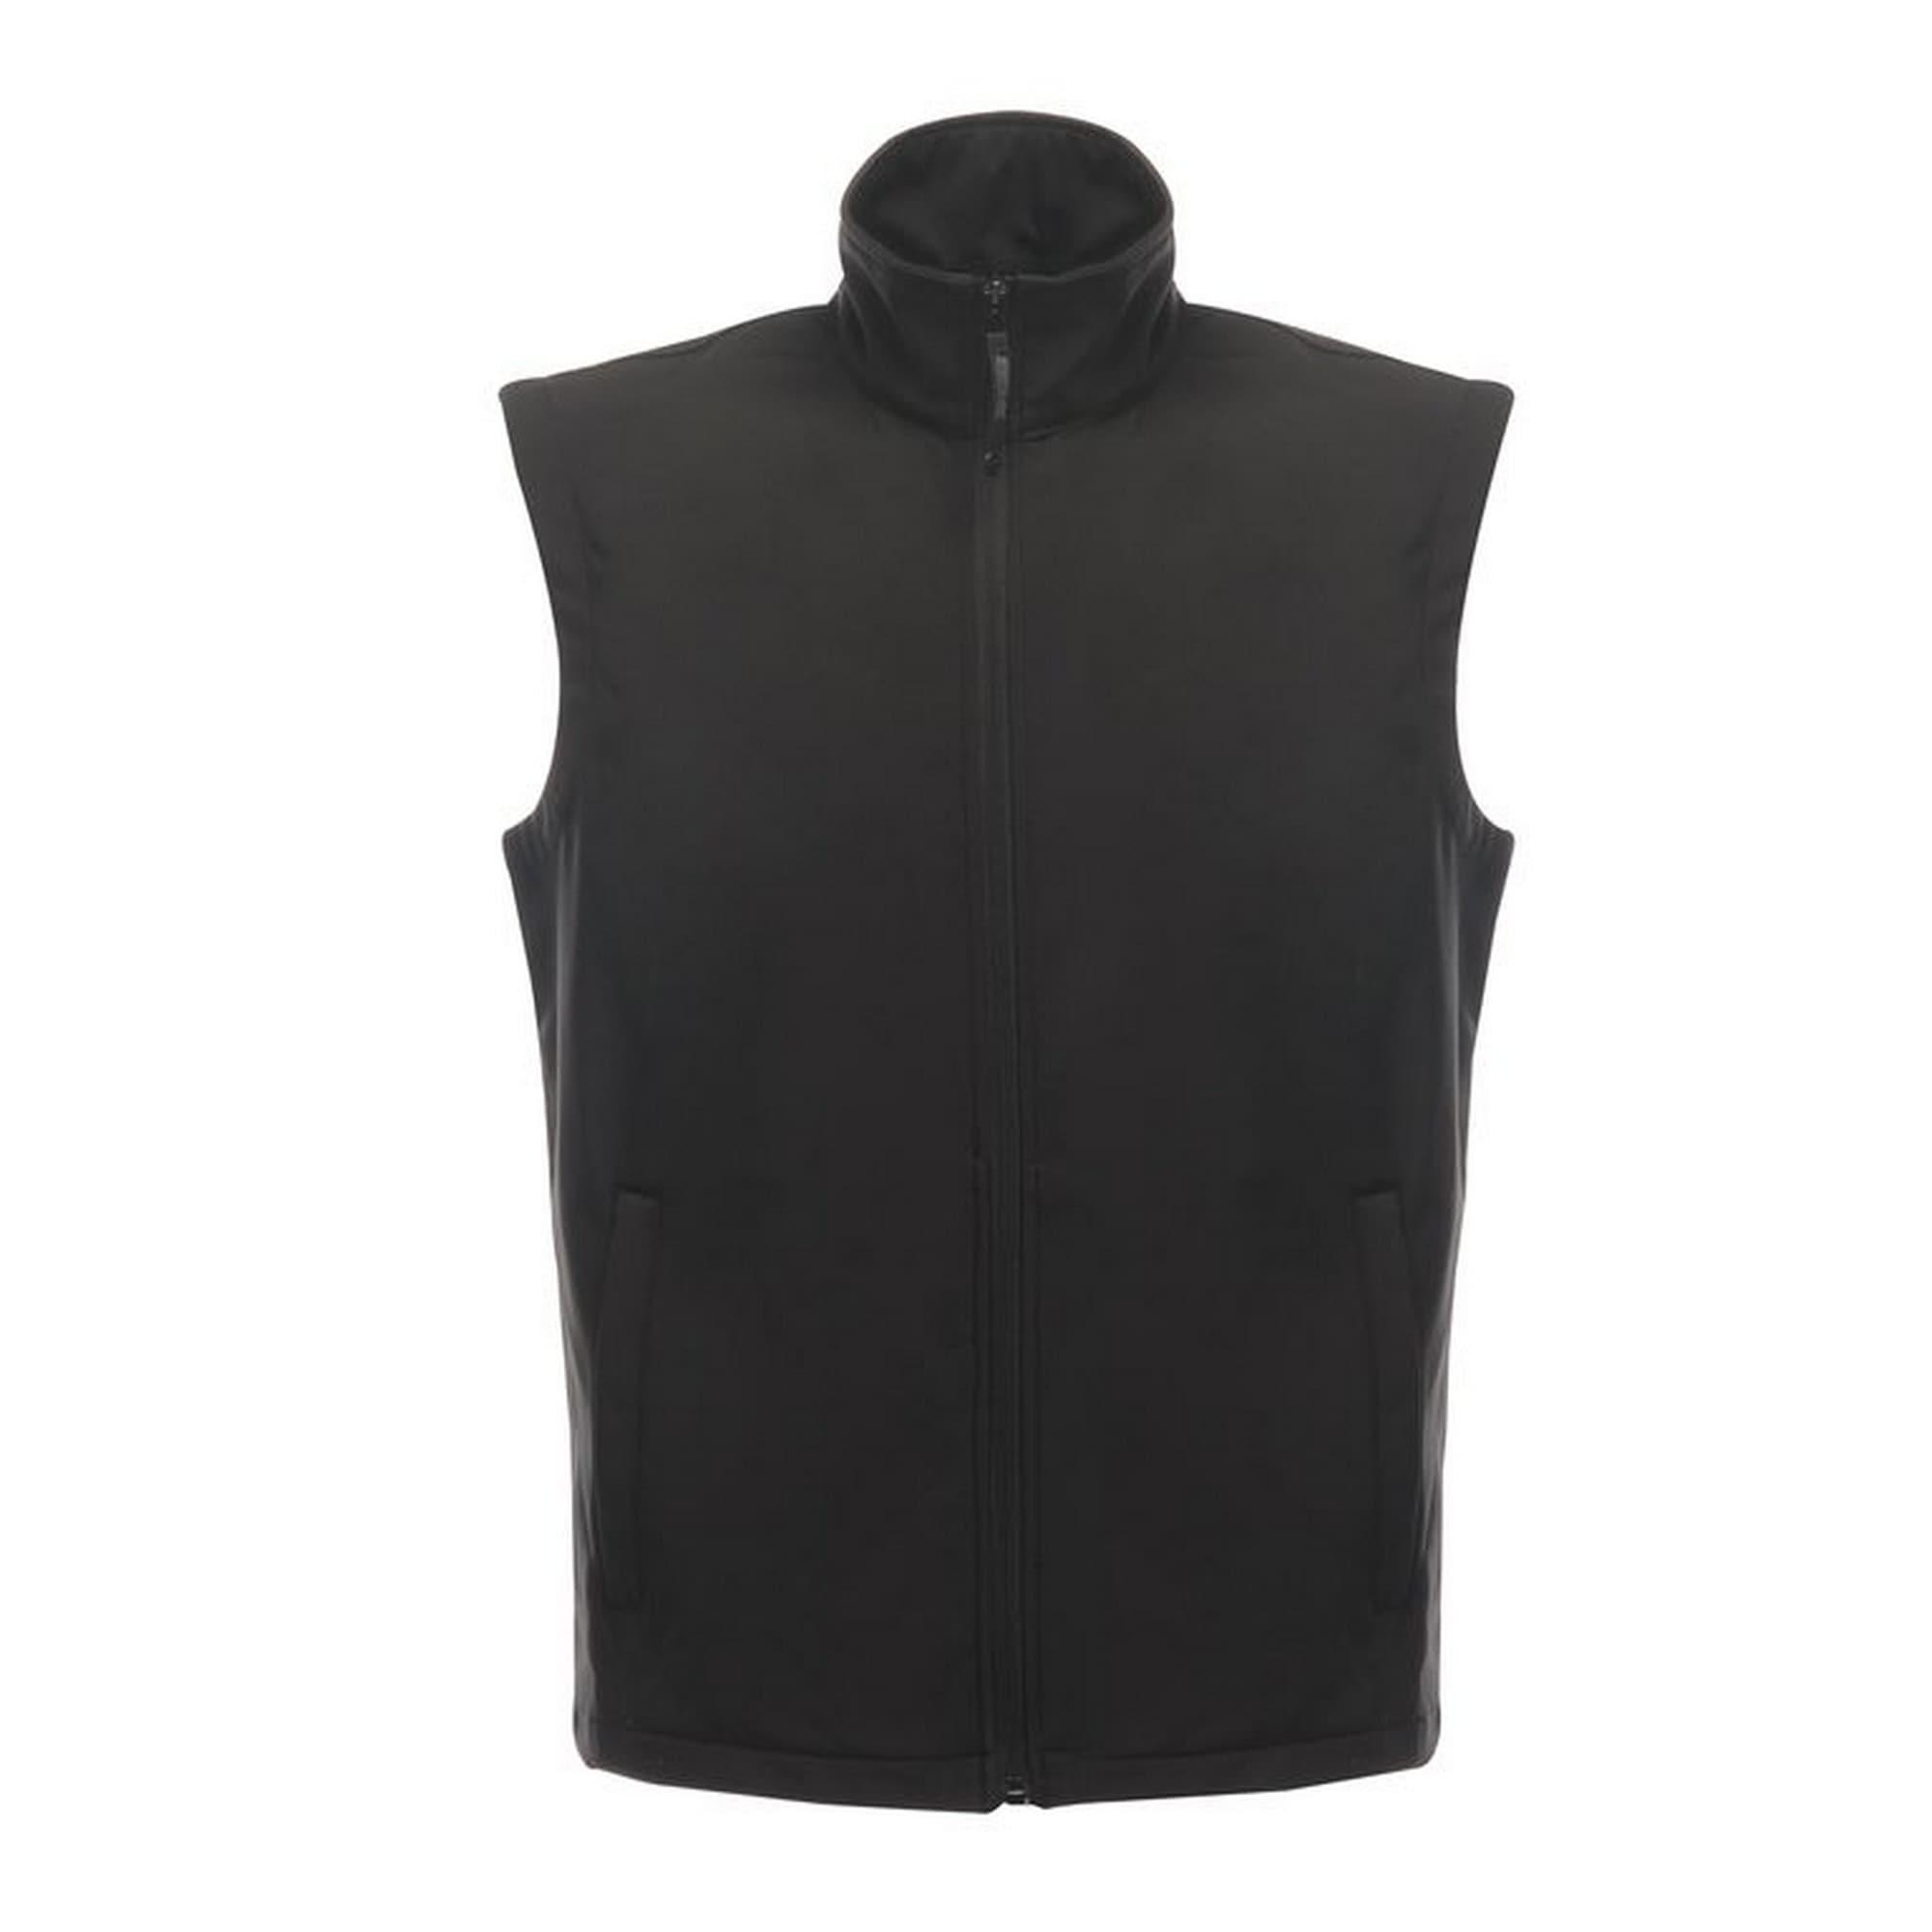 Regatta Softshellweste Professional Herren Klassik Softshell Bodywarmer | Bekleidung > Westen > Softshellwesten | Regatta